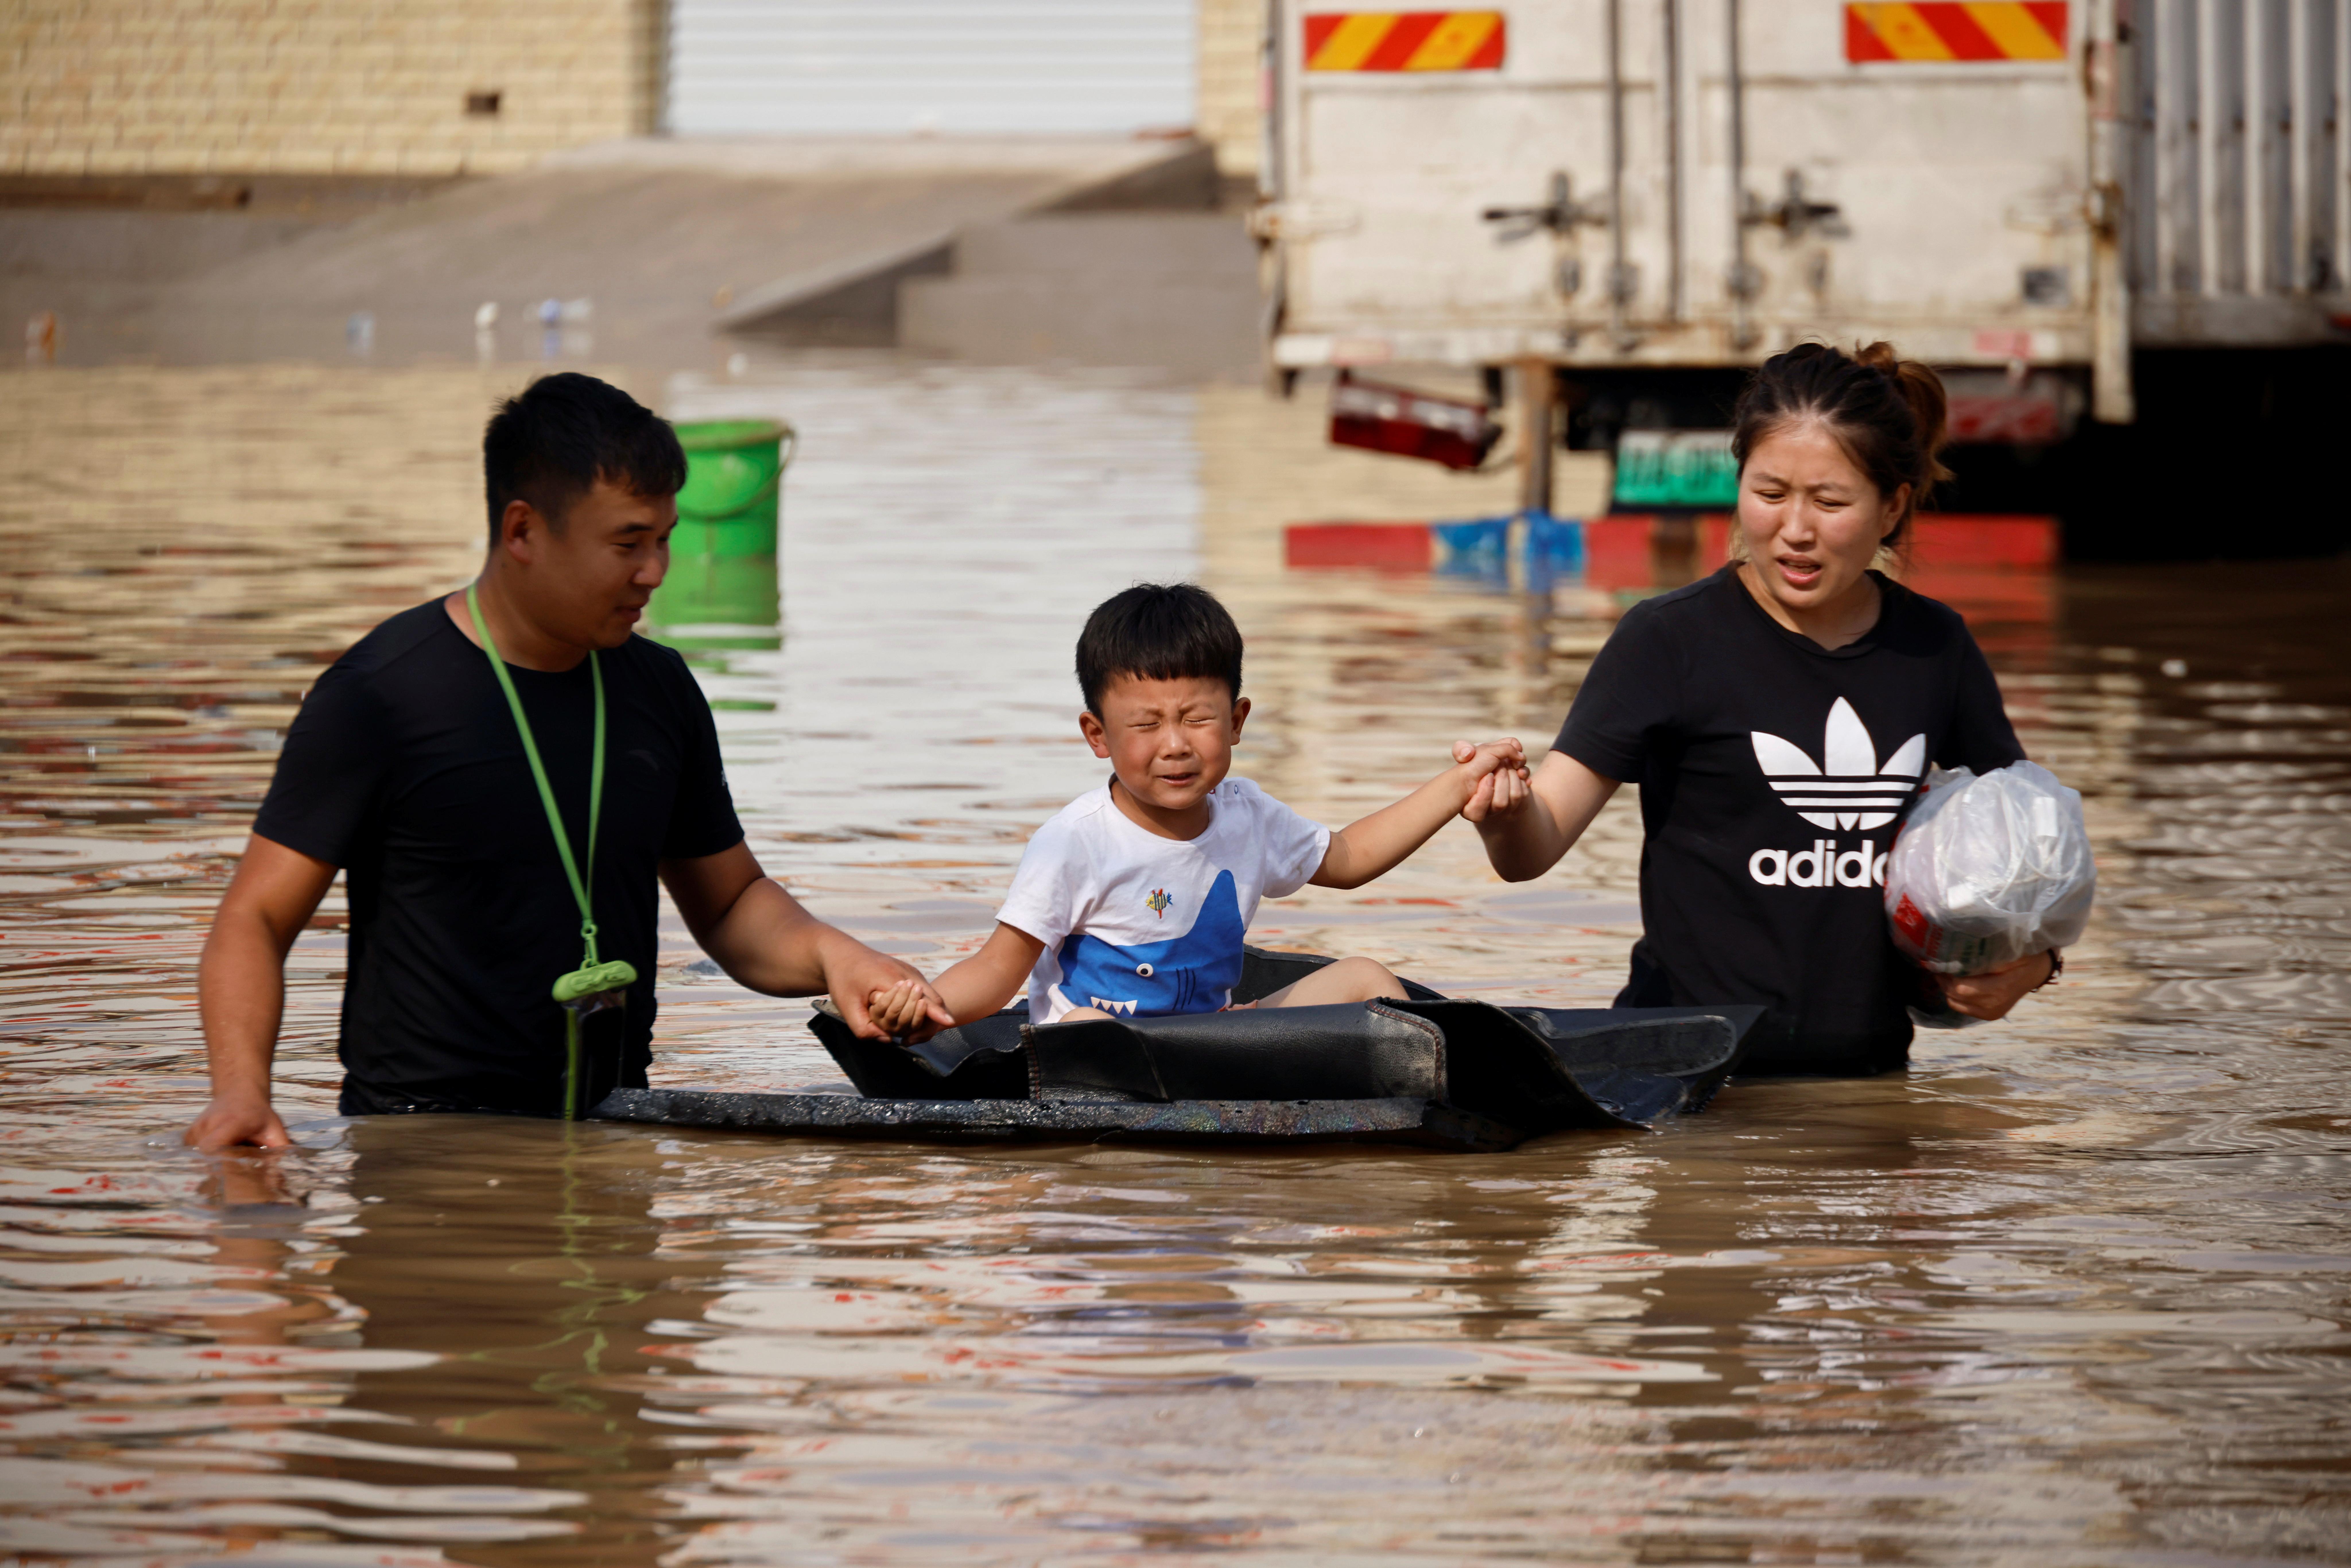 हेनान प्रांत भारी बारिश के बाद बाढ़ में डूबा हुआ है।